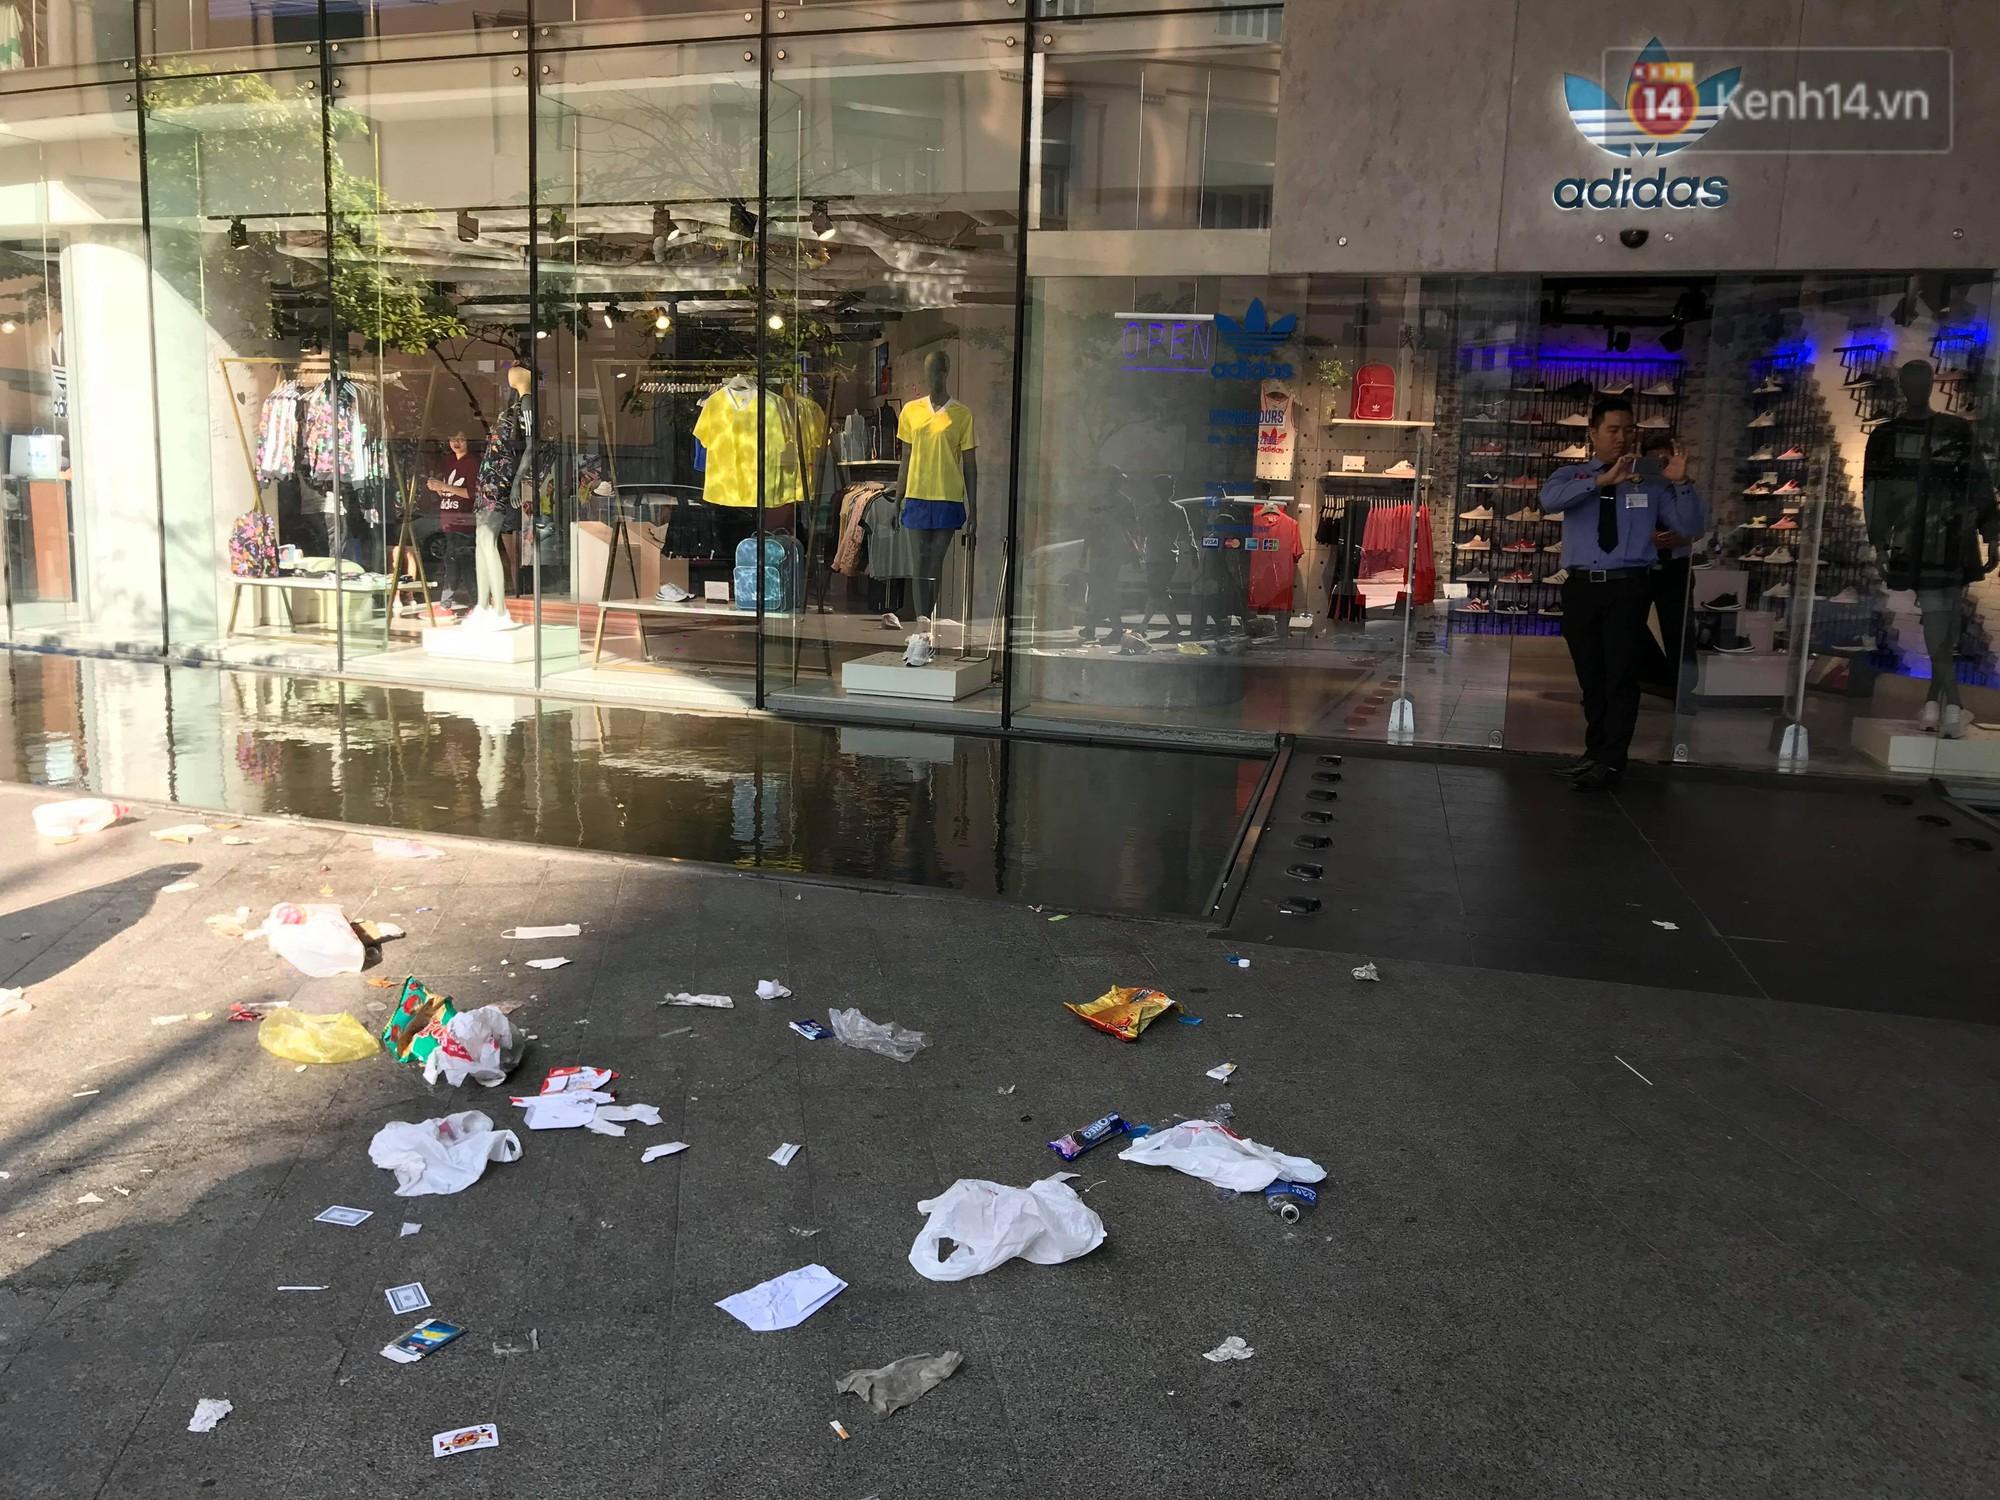 Ngao ngán cảnh vỏ túi nilon, chai nhựa... la liệt sau đêm xếp hàng canh mua giày Adidas của các bạn trẻ ở Sài Gòn - Ảnh 4.